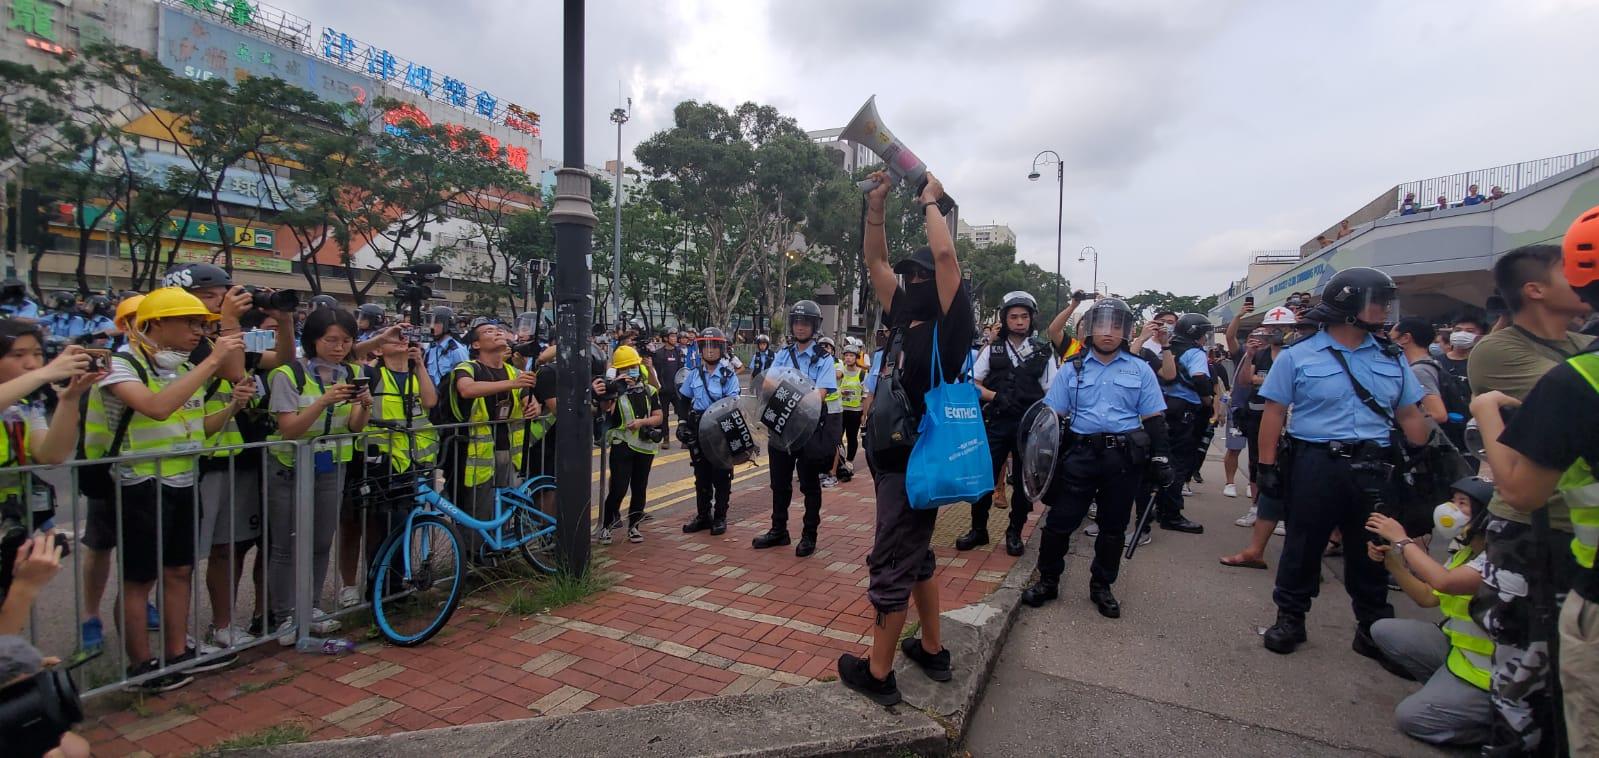 【沙田衝突】源禾路過百名特別服防暴警察與示威者對峙 區議員要求對話